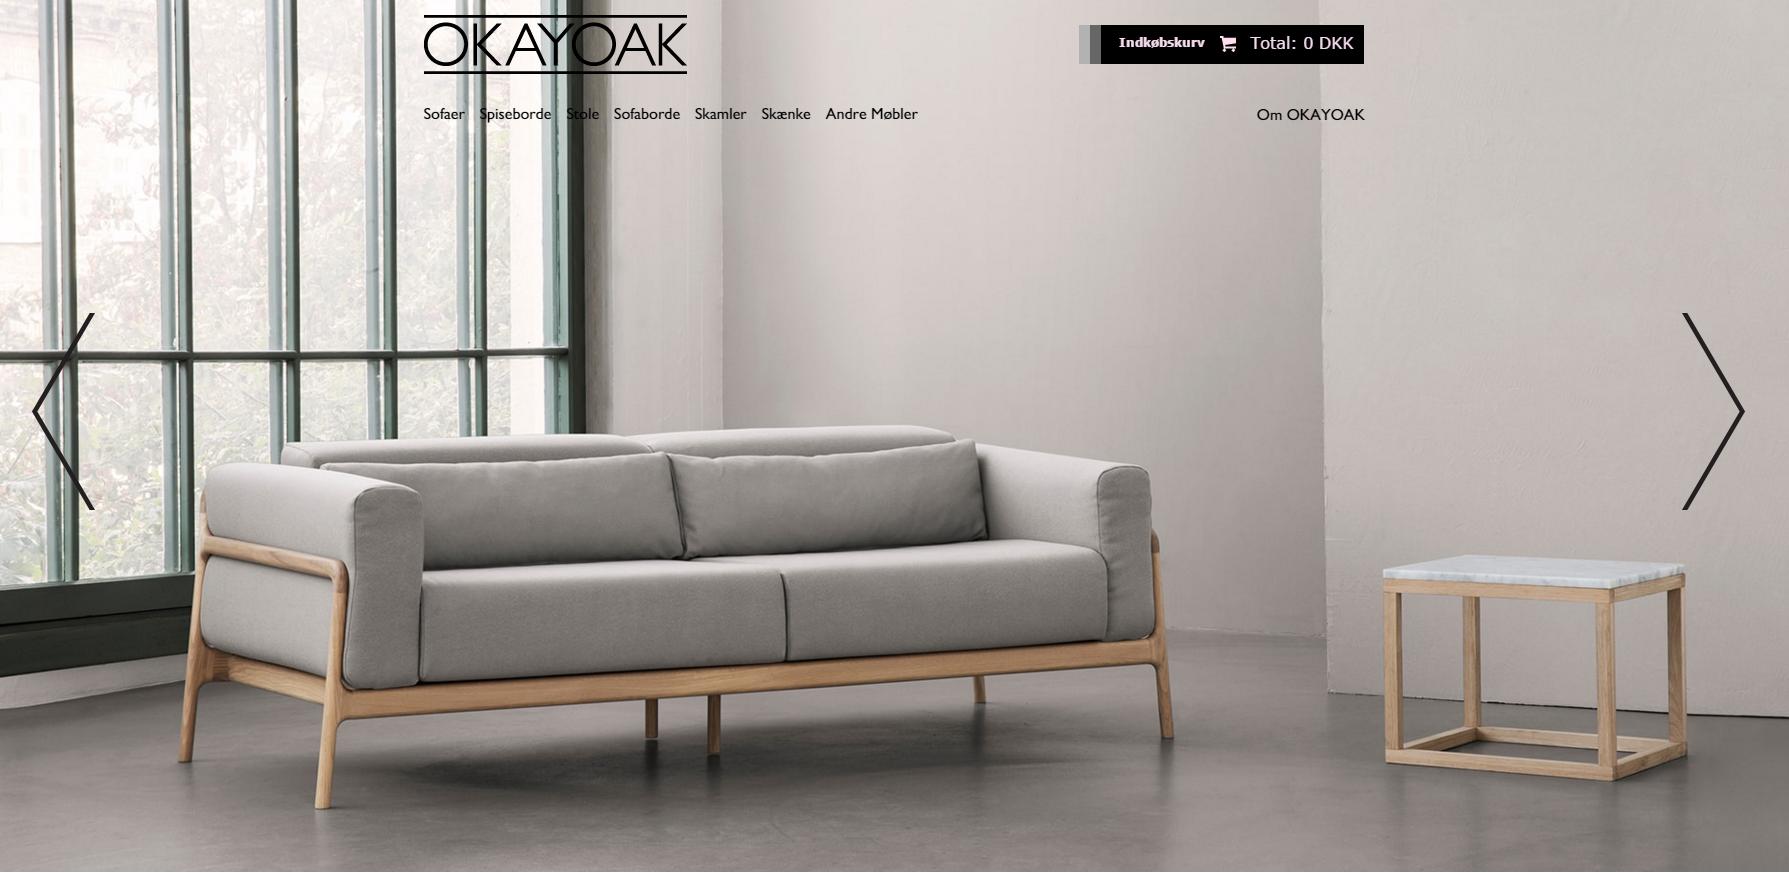 Okayoak.com